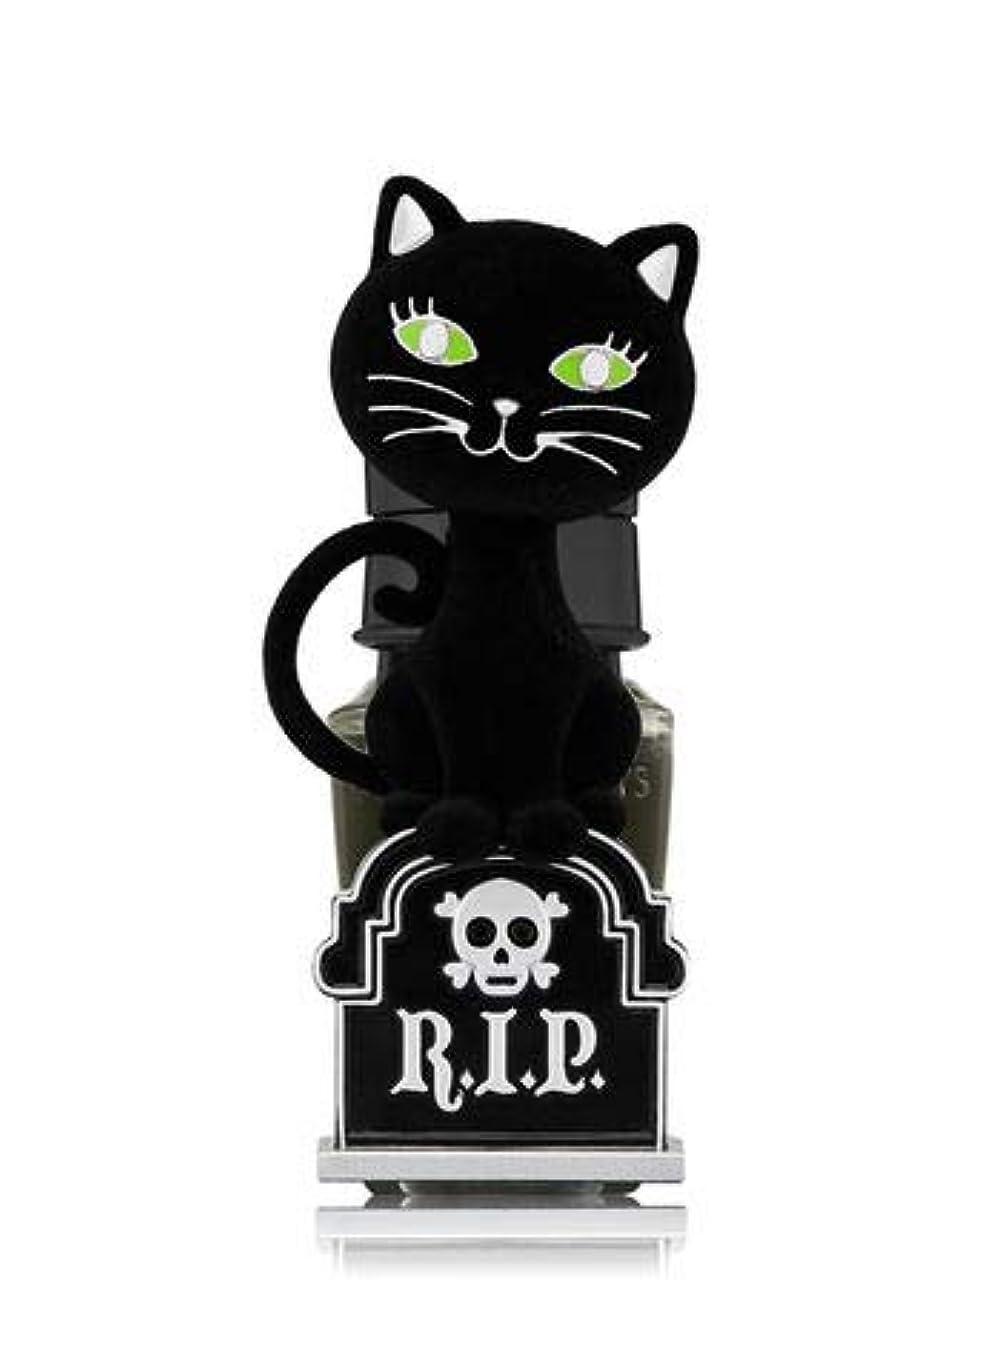 評議会典型的な水【Bath&Body Works/バス&ボディワークス】 ルームフレグランス プラグインスターター (本体のみ) ハロウィン 黒猫 ナイトライト Wallflowers Fragrance Plug Halloween...